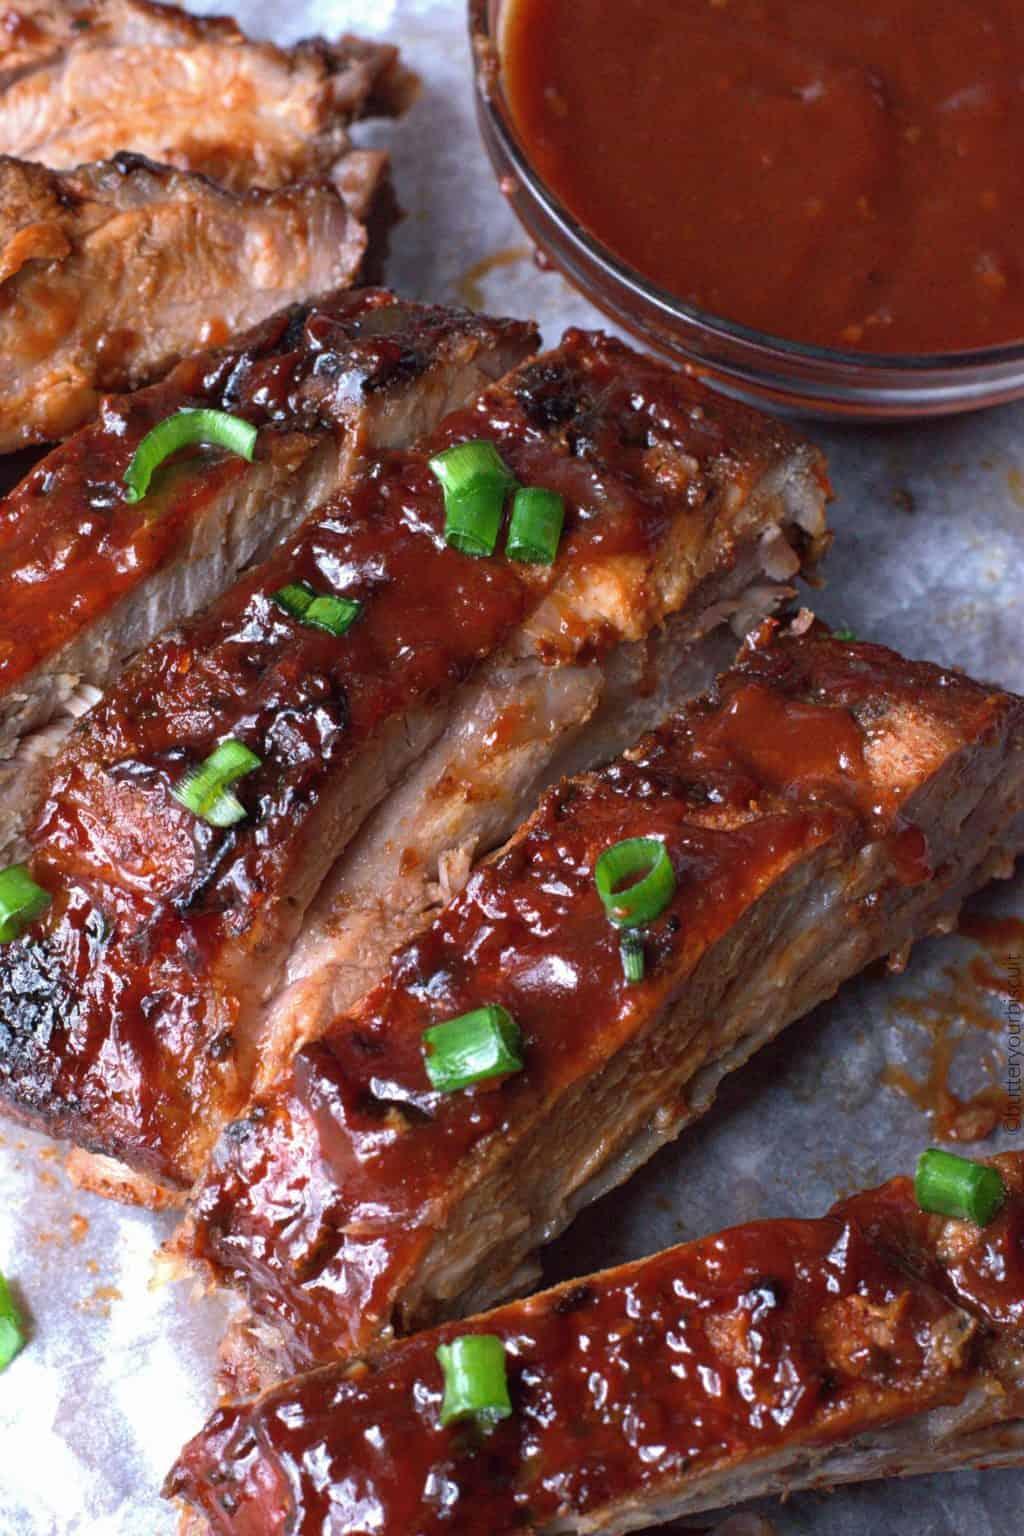 pics Barbecue Spareribs